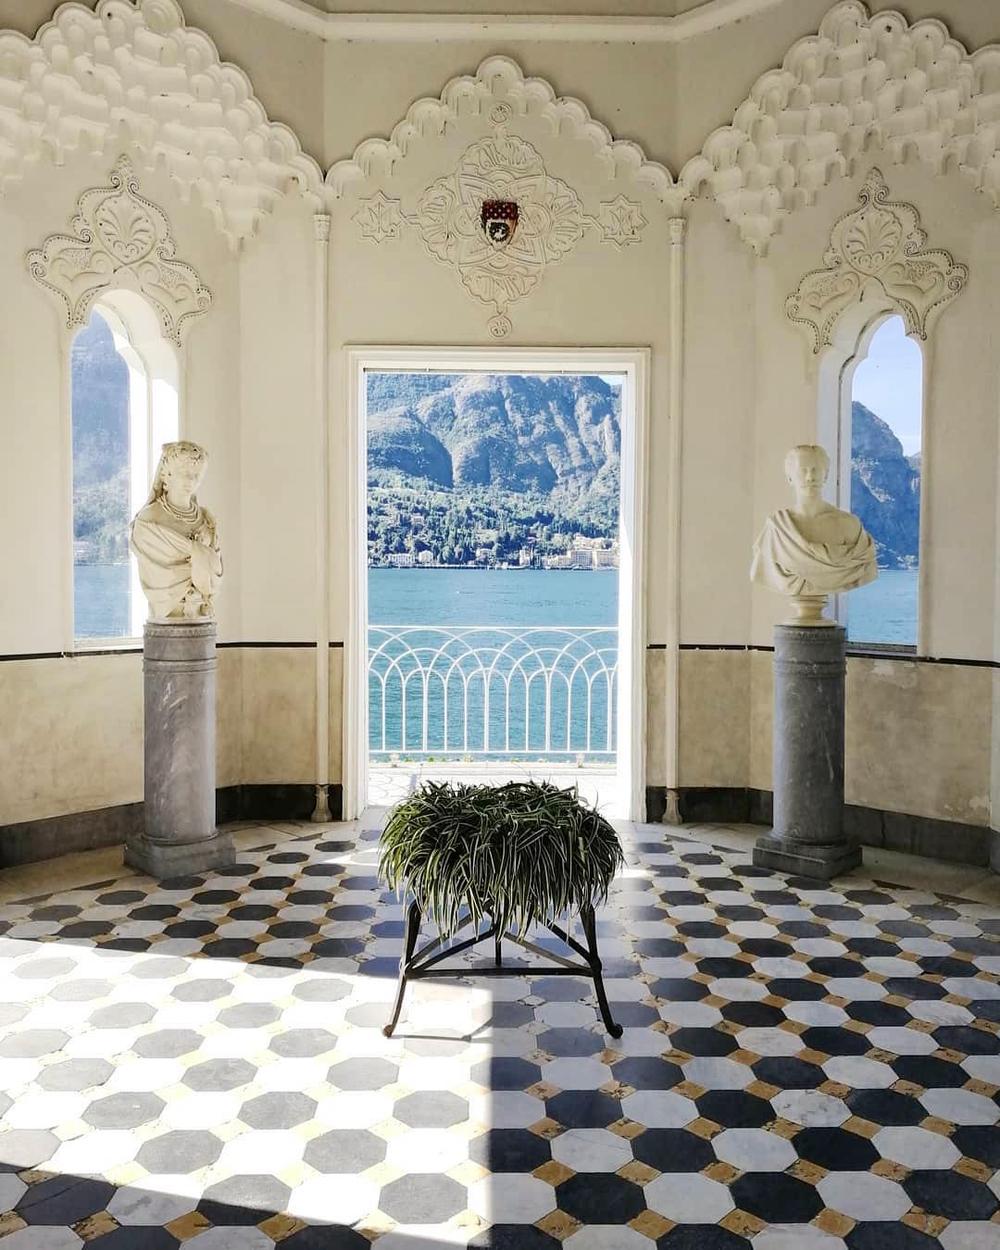 Villa Melzi d'Eril | Lake Como, Italy | c. 1808